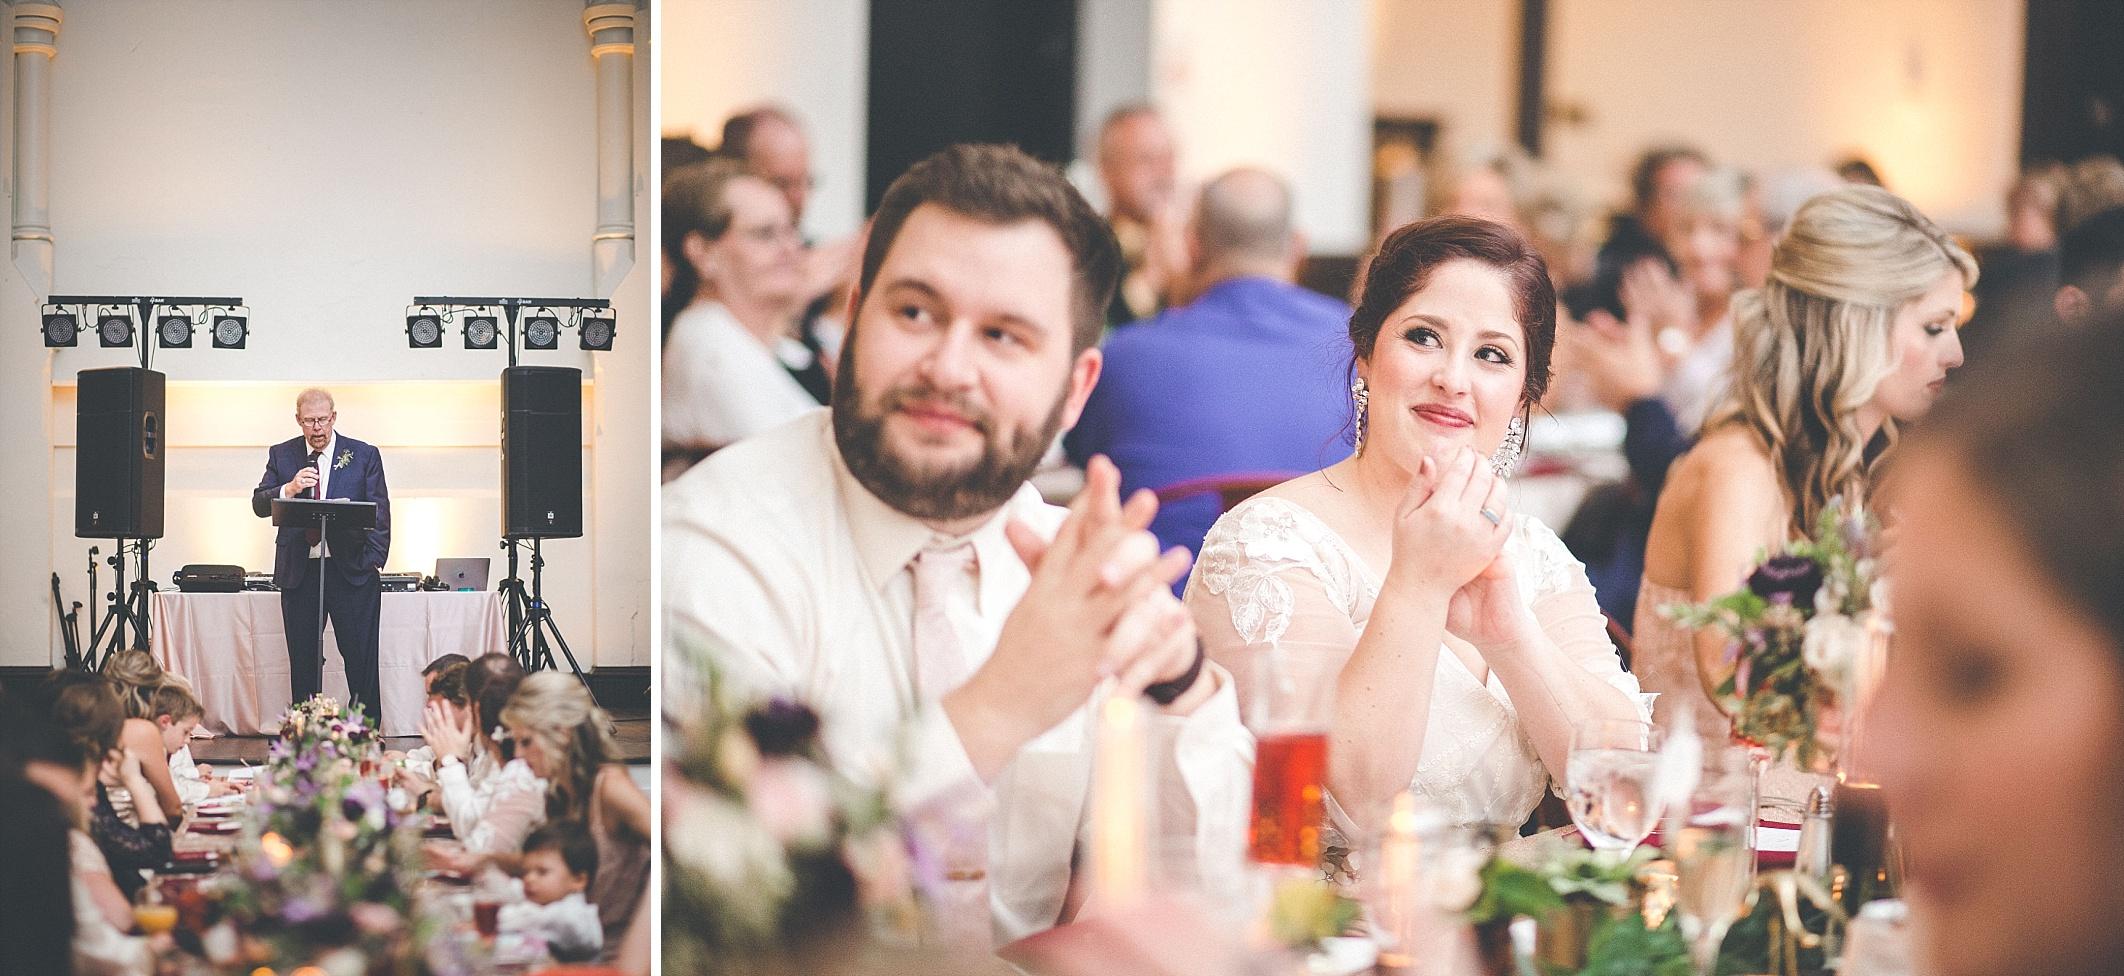 hilary-aaron-cincinnati-trancept-wedding-photographer-dayton-ohio_0045.jpg